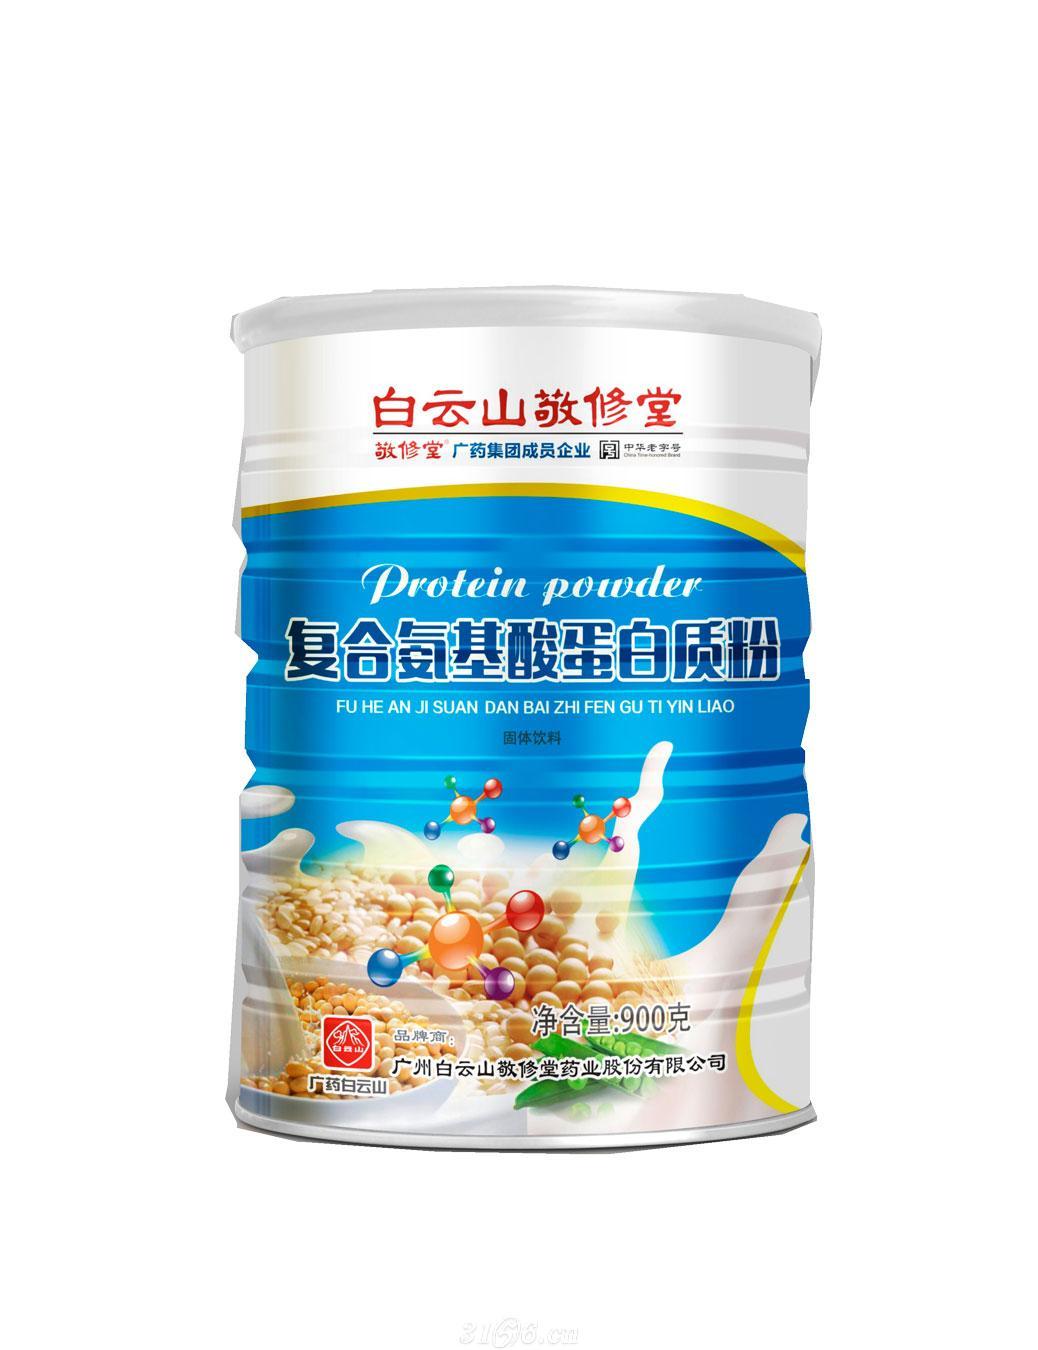 敬修堂复合氨基酸蛋白质粉